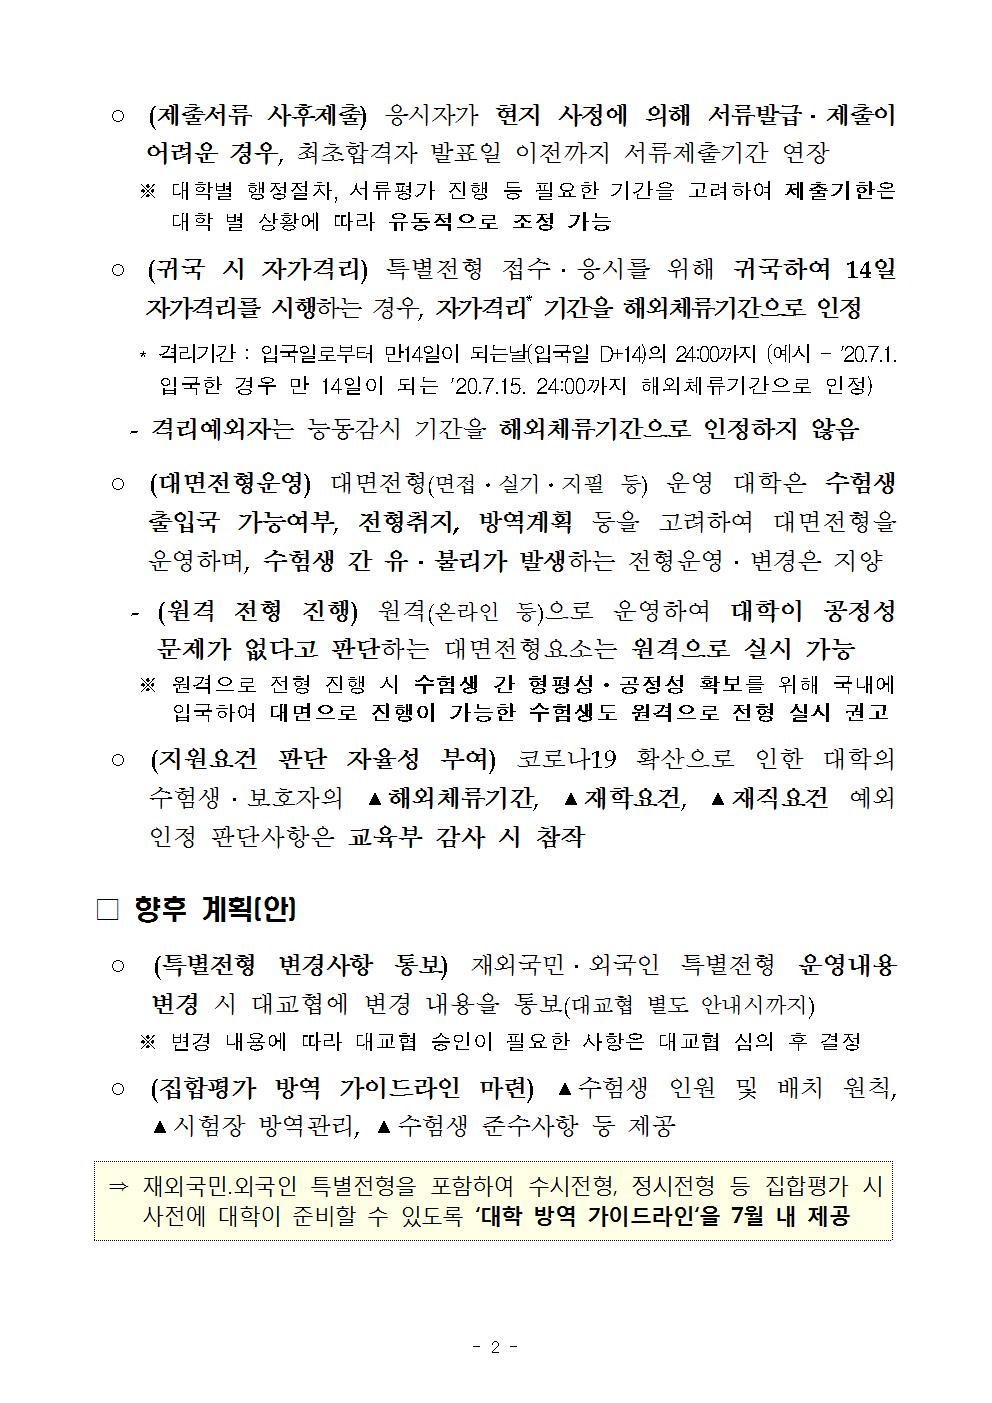 200630 2021학년도 재외국민과 외국인 특별전형 운영 권고사항002.png